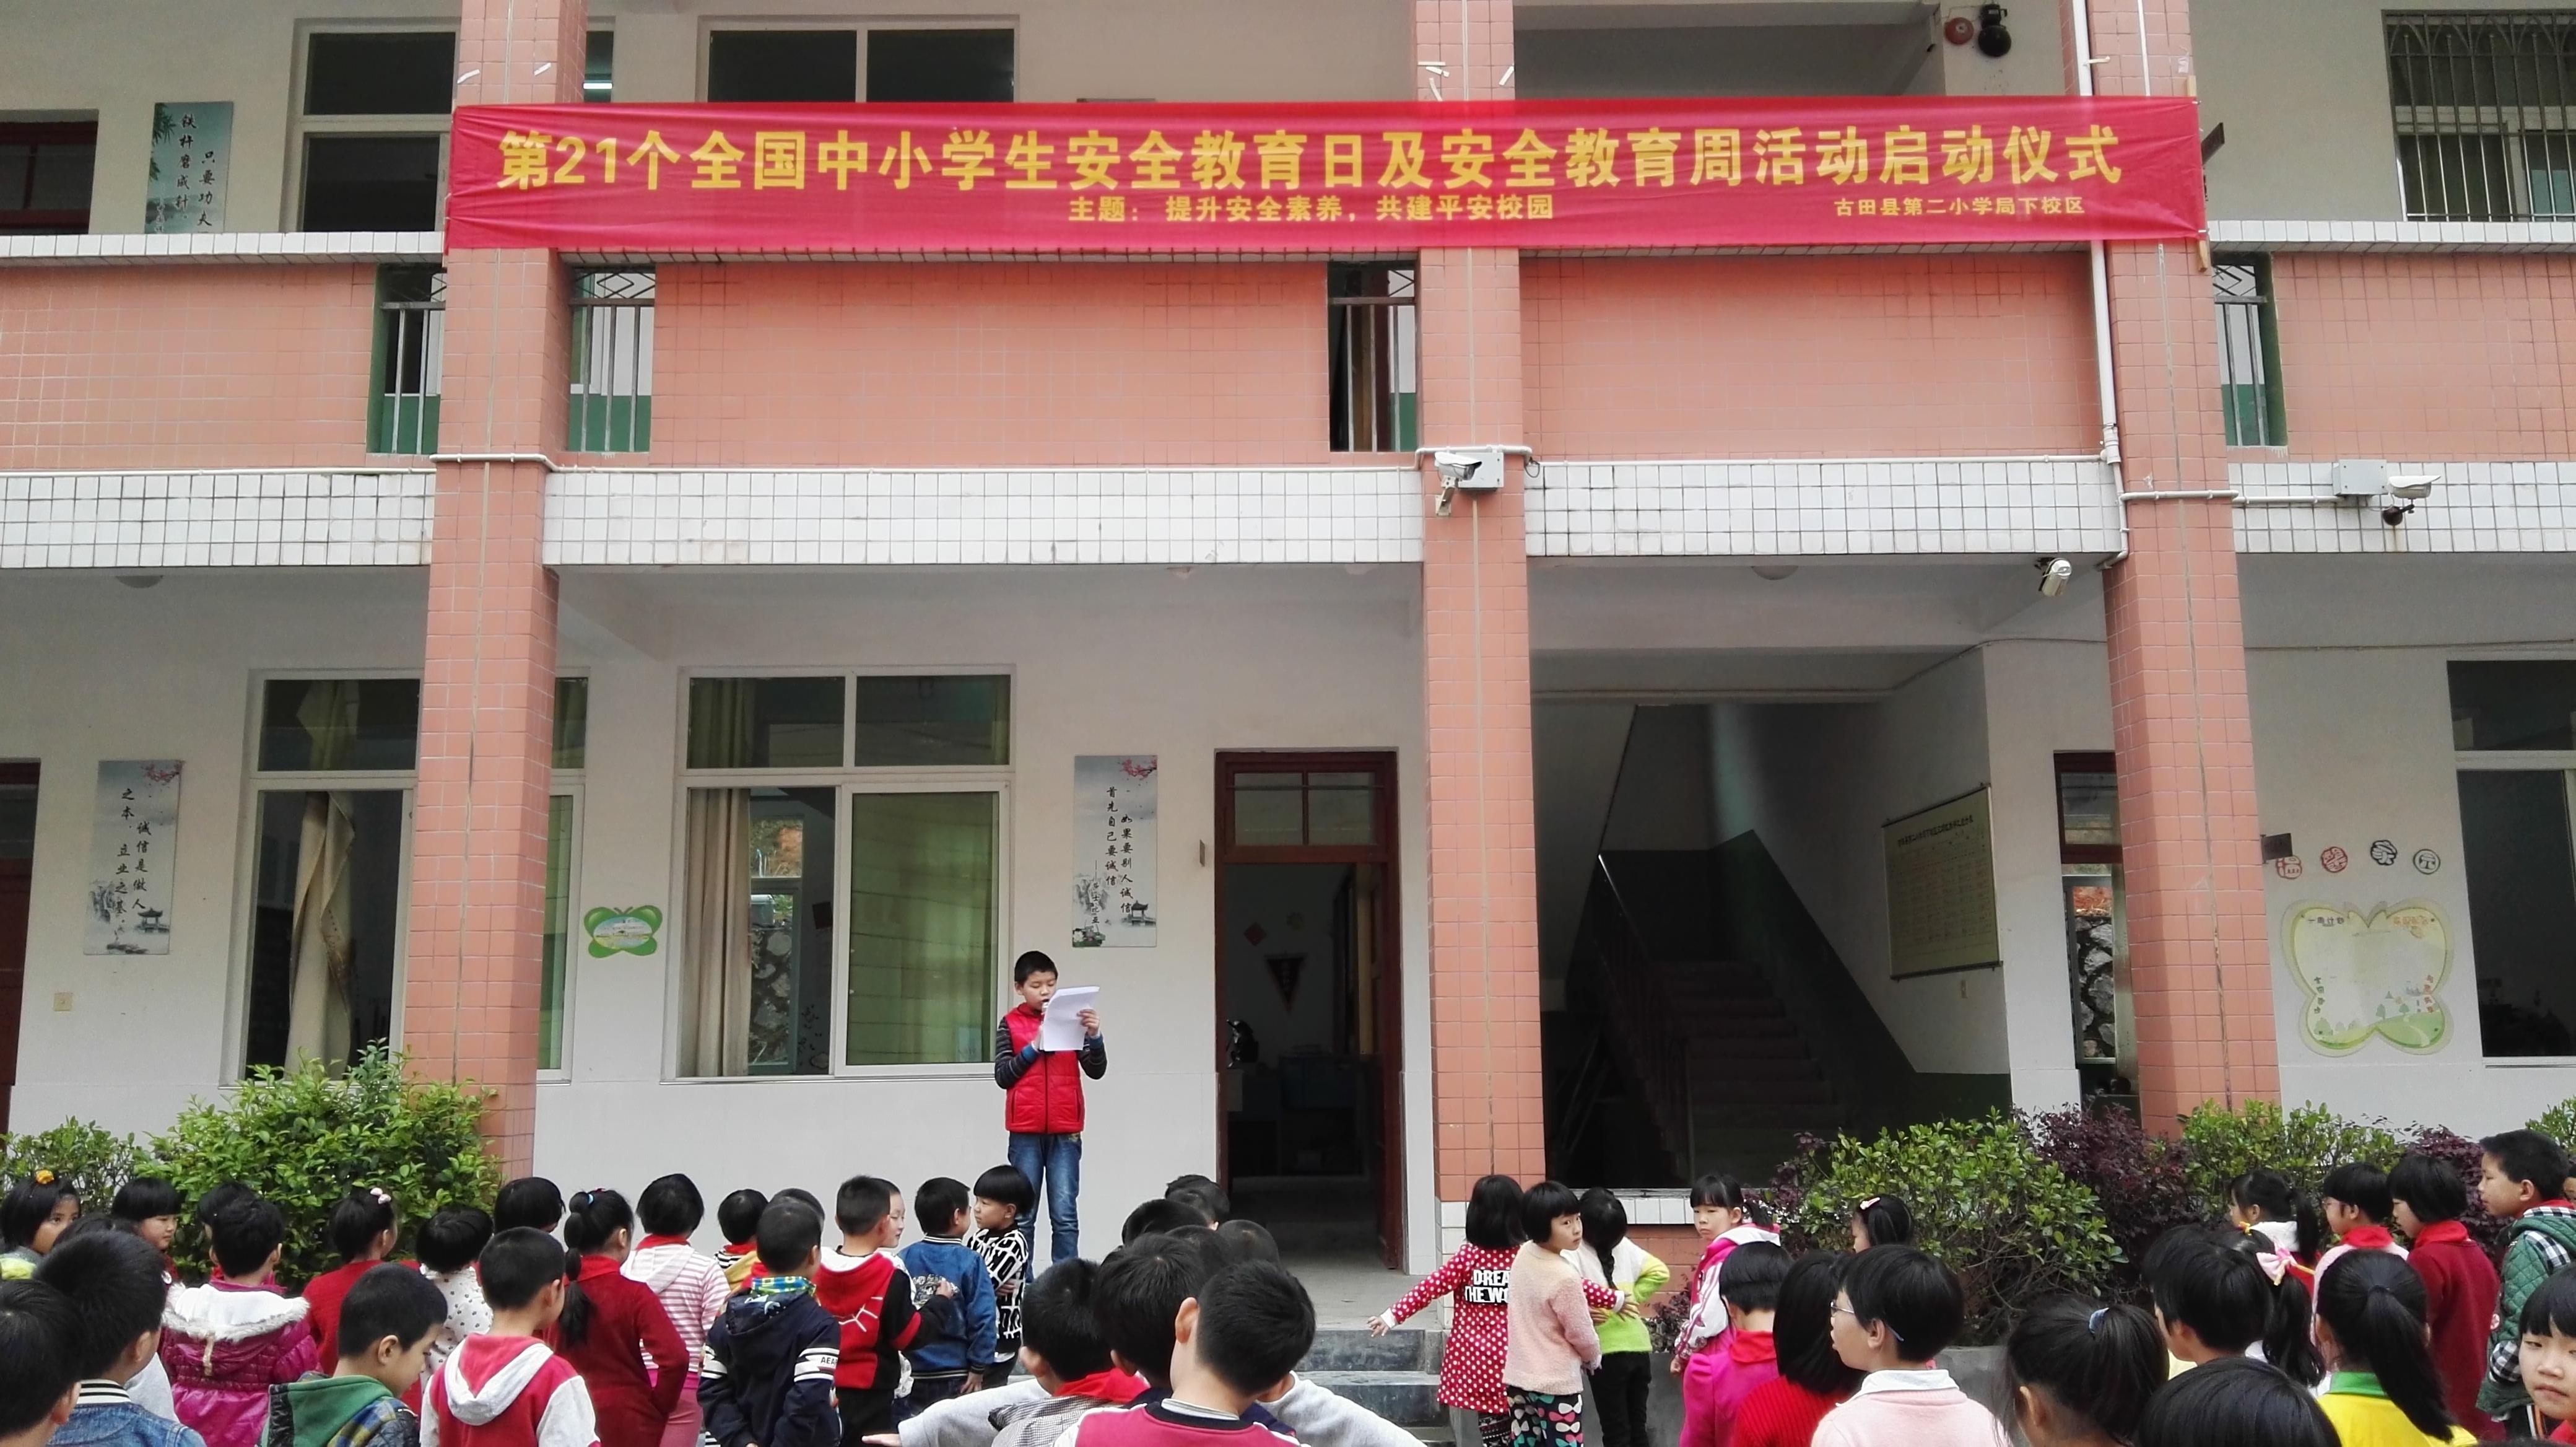 古田县第二小学局下校区开展小学生安全教育 系列主题